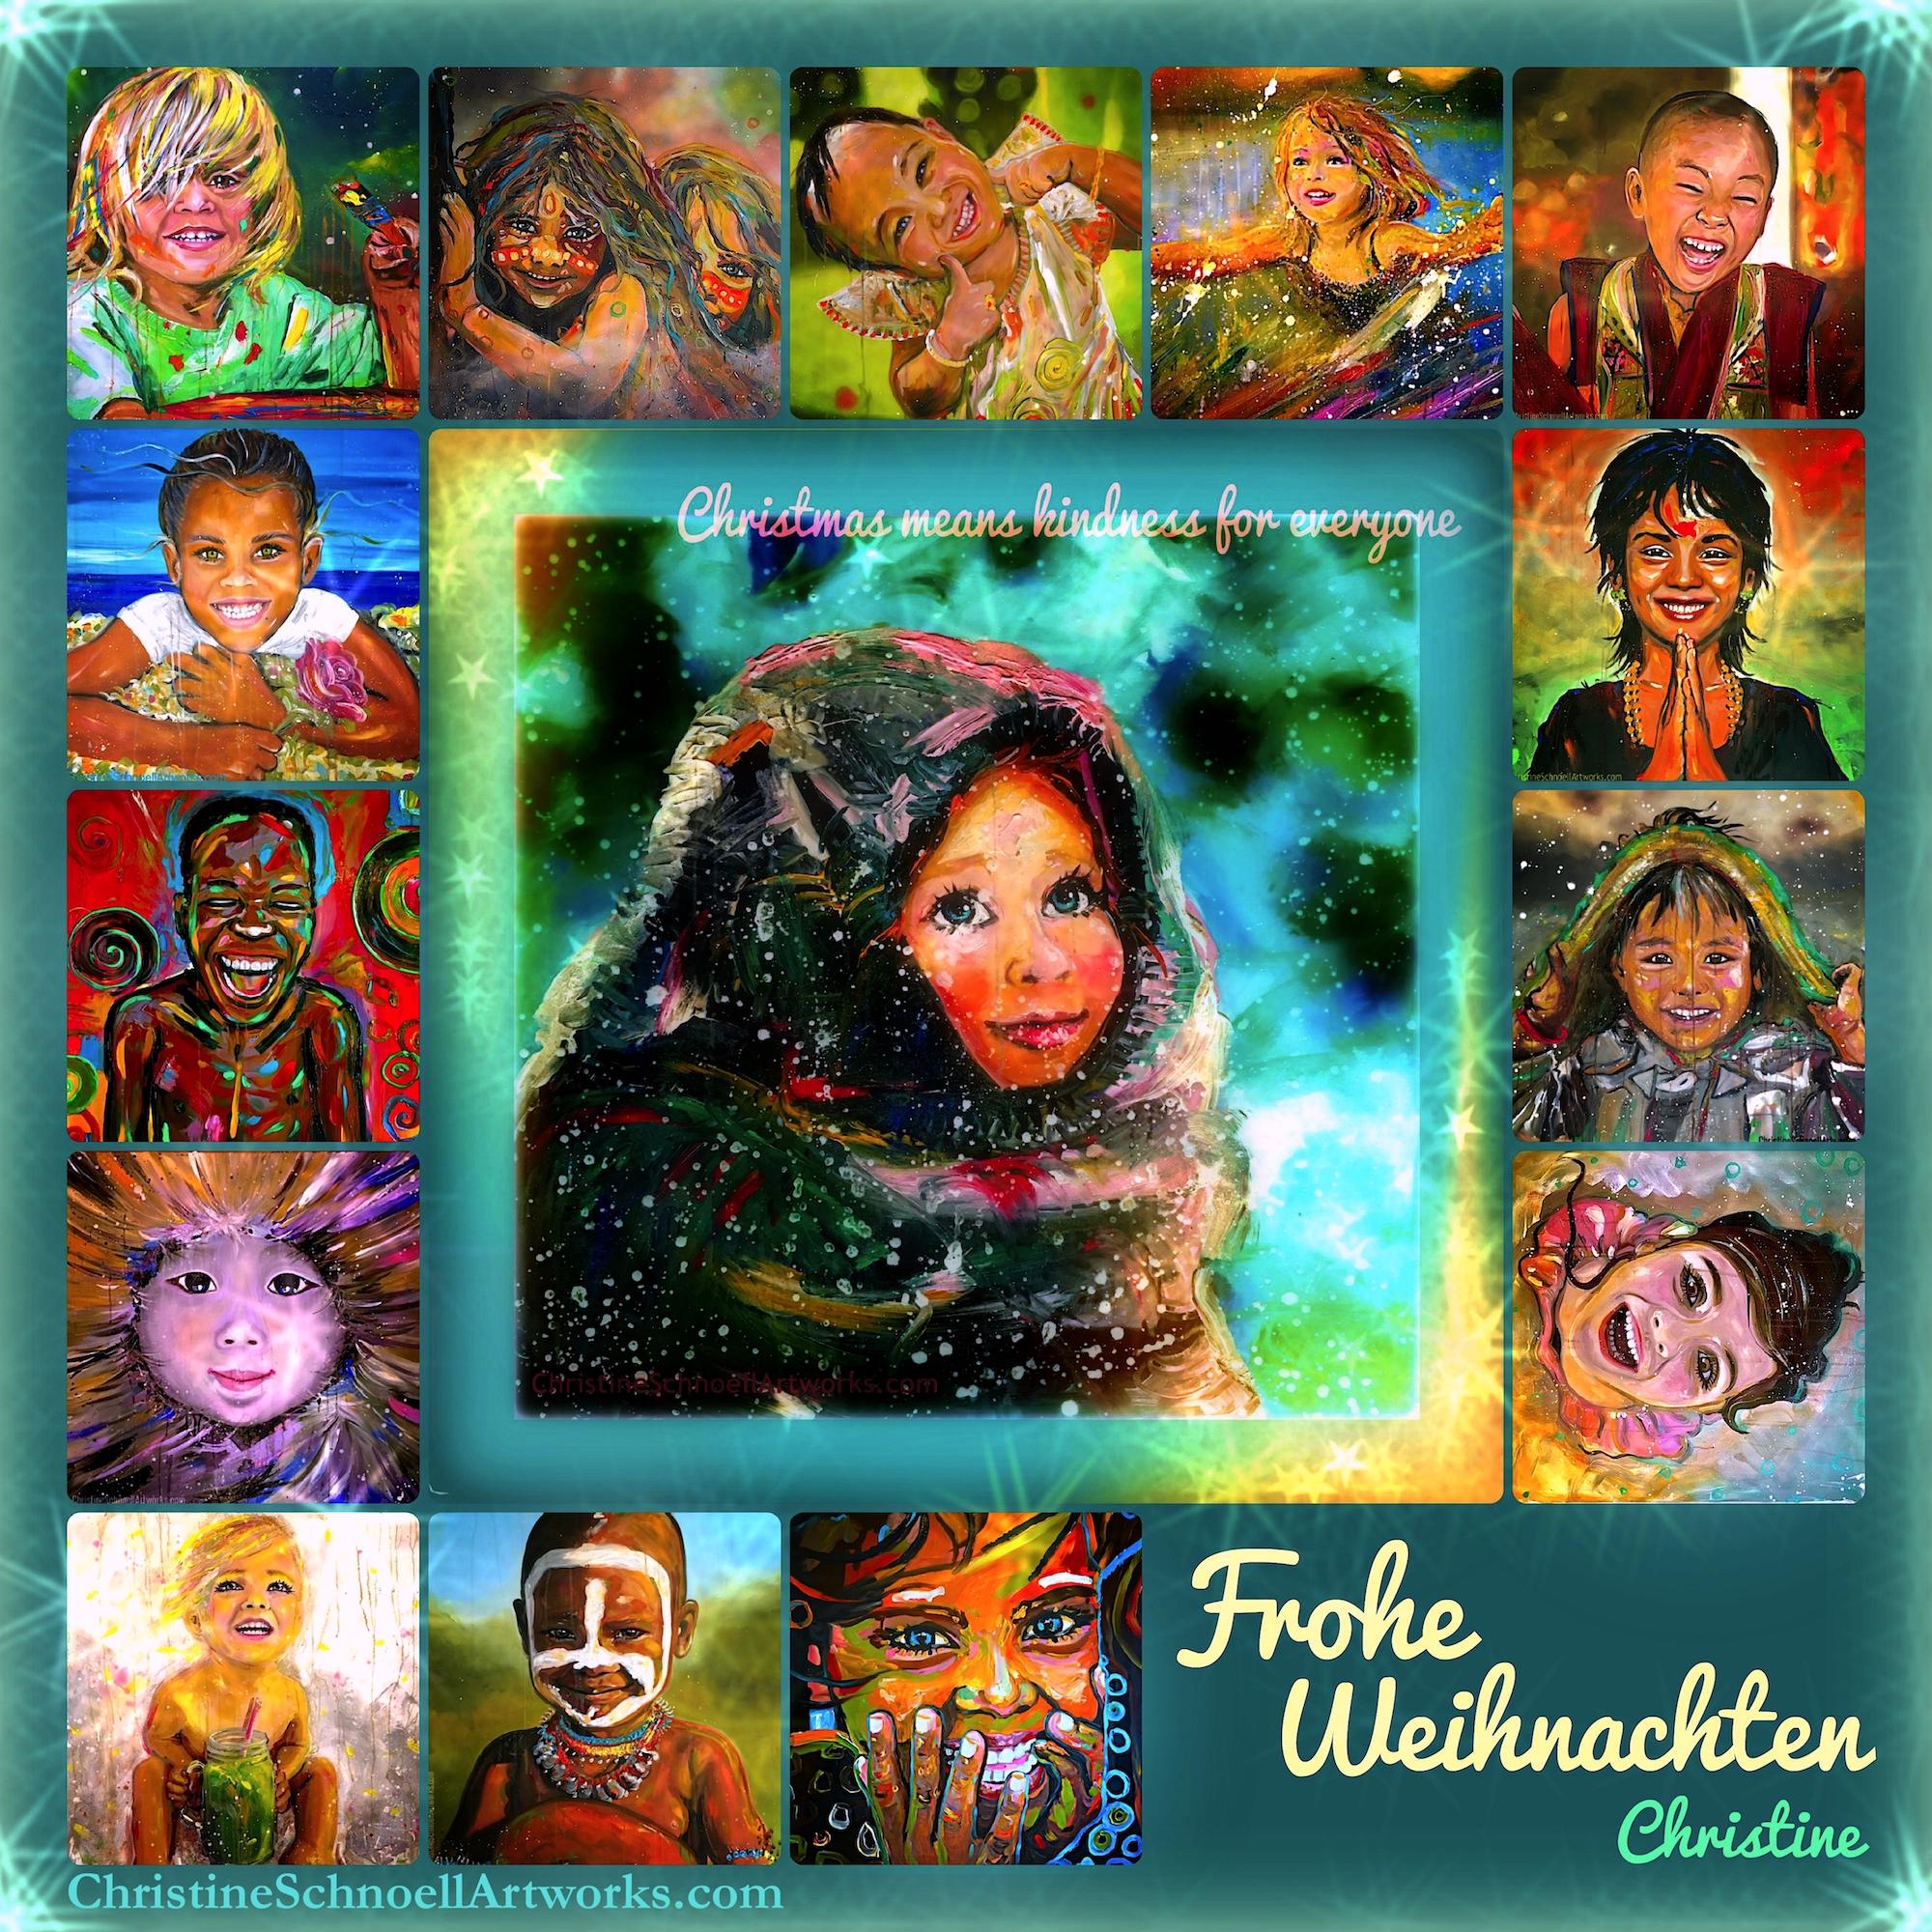 Christine Schnoell Artworks